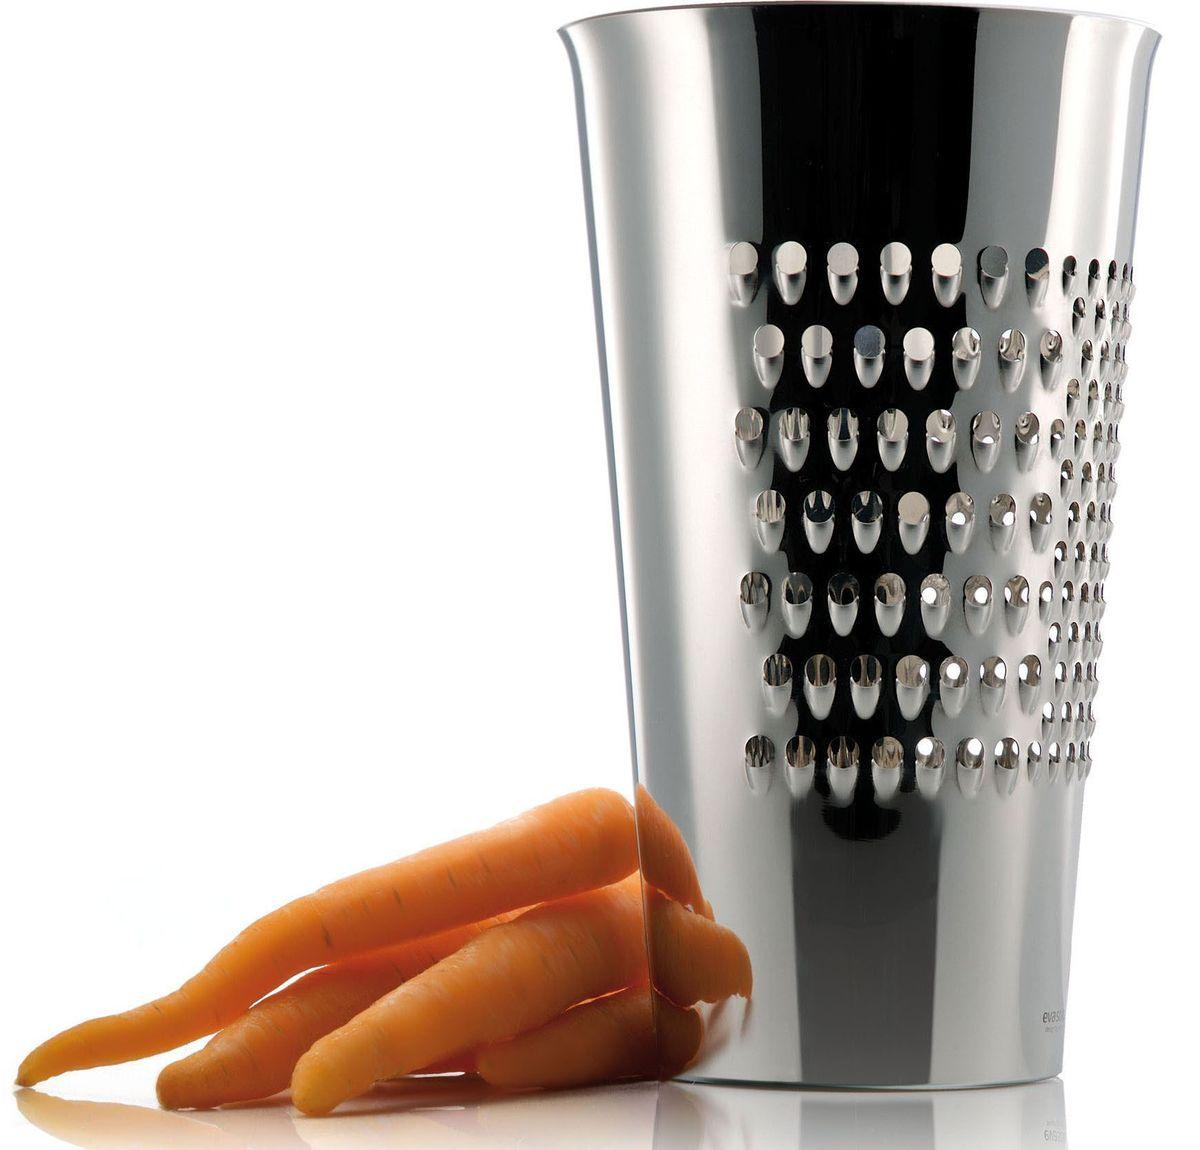 Терка-ведро Eva Solo, 21 см567125Можно натереть овощи, сыр, шоколад или все, что подскажет ваша фантазия, прямо в симпатичное ведерко из нержавеющей стали. Есть три разных терочных поверхности. Можно мыть в посудомоечной машине. Интересное решение от датских дизайнеров из компании Eva Solo - простота, функциональность и неповторимая эстетика даже в самых мелких предметах сделают вашу кухню еще более стильной и оригинальной.